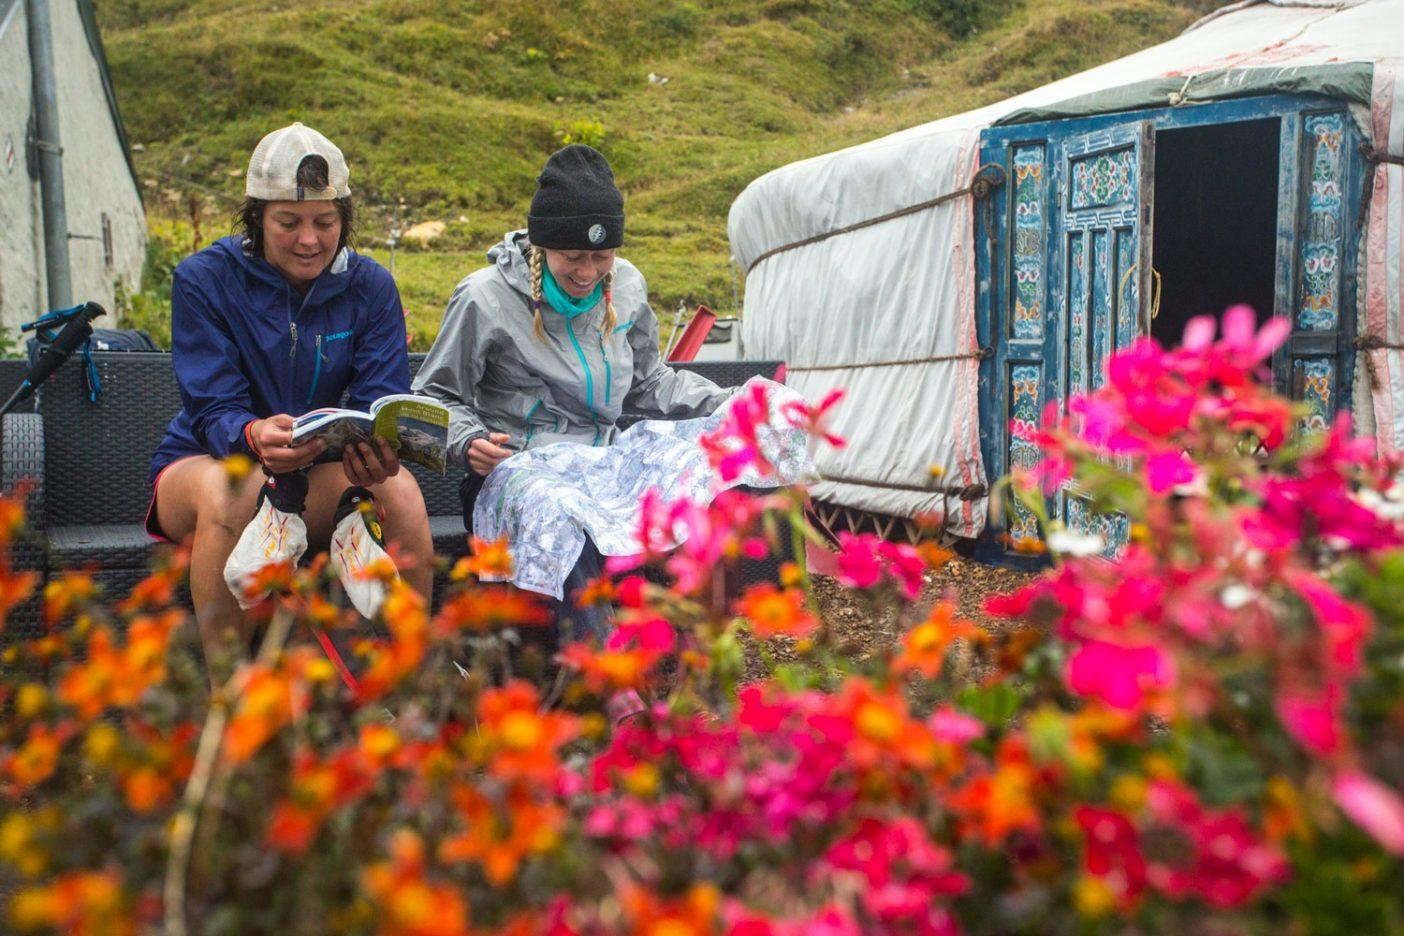 次の避難小屋を見つけようと、雨でびしょ濡れになってしまった無用の地図に頼るジェンとモーガン。スイス  Photo: Andrew Burr